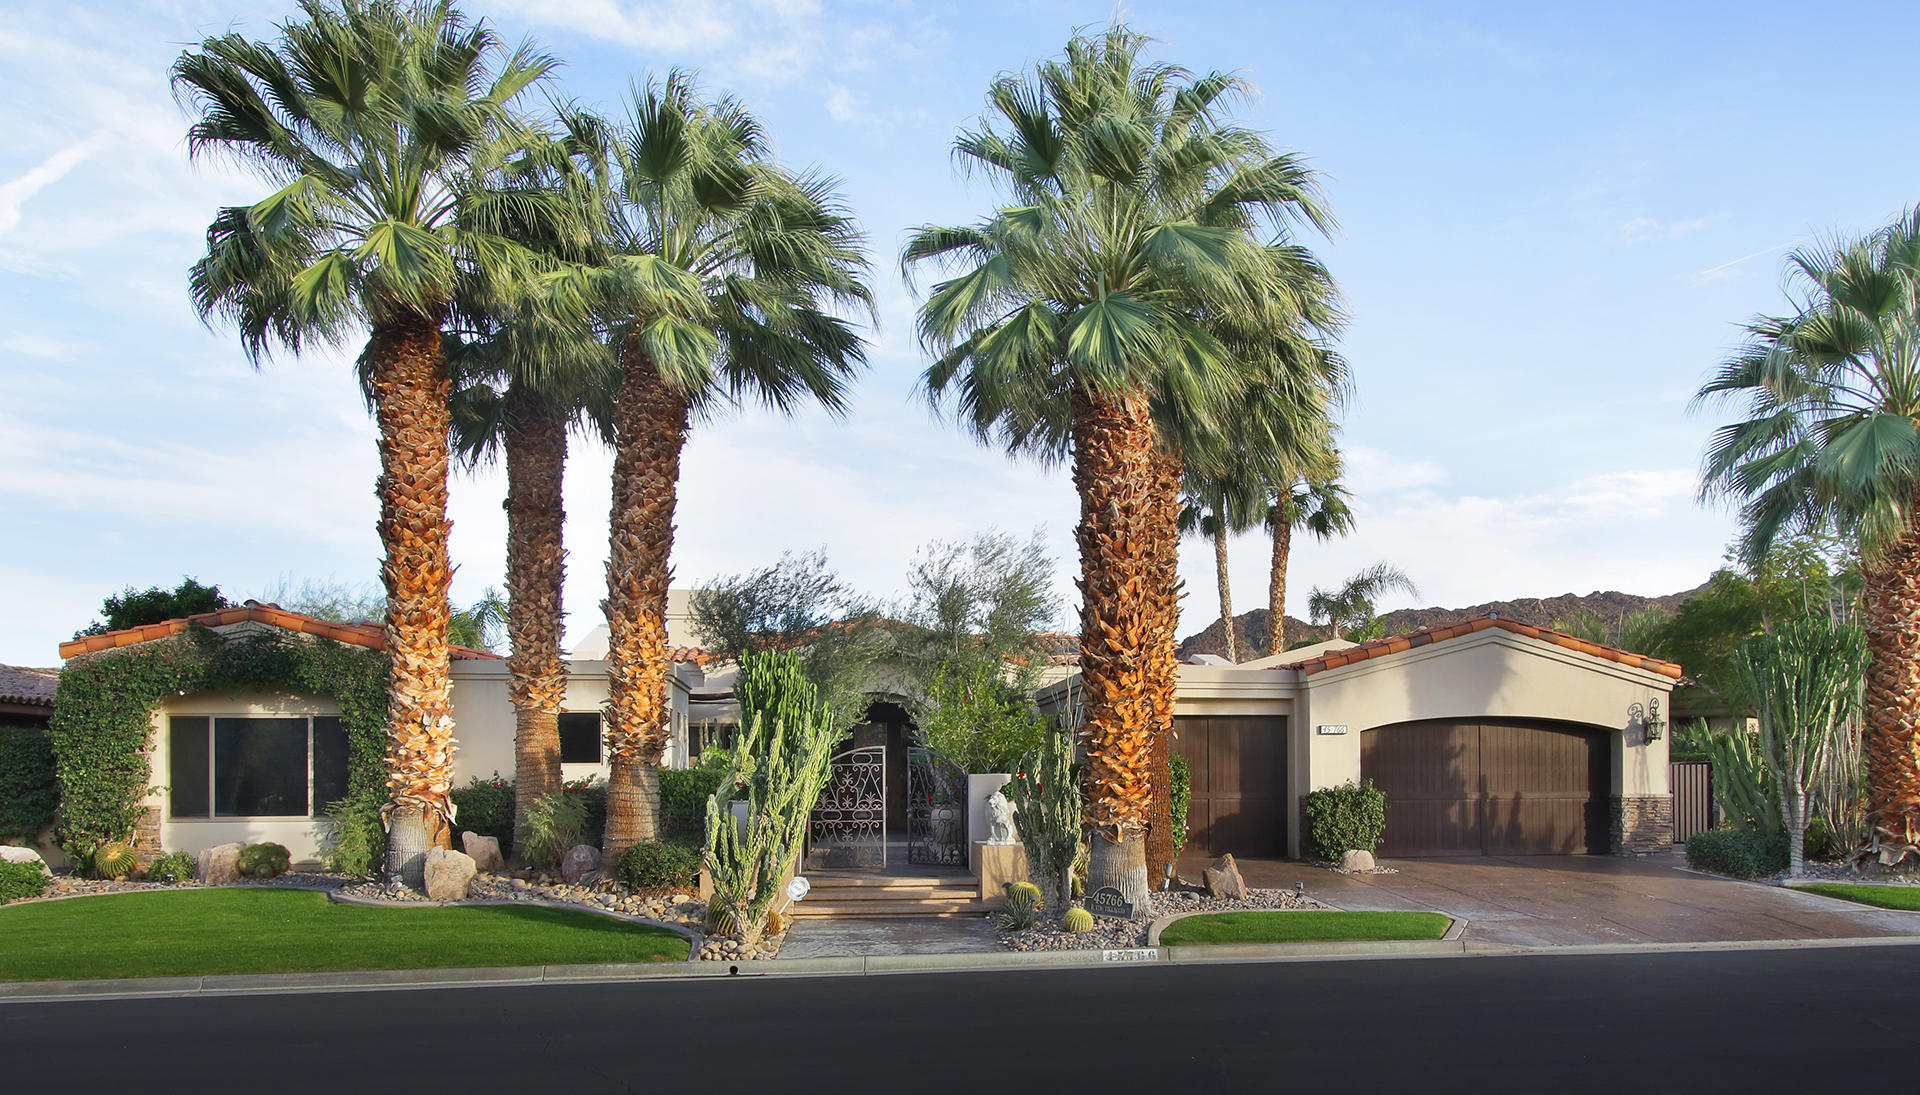 Photo of 45766 E Via Villaggio, Indian Wells, CA 92210